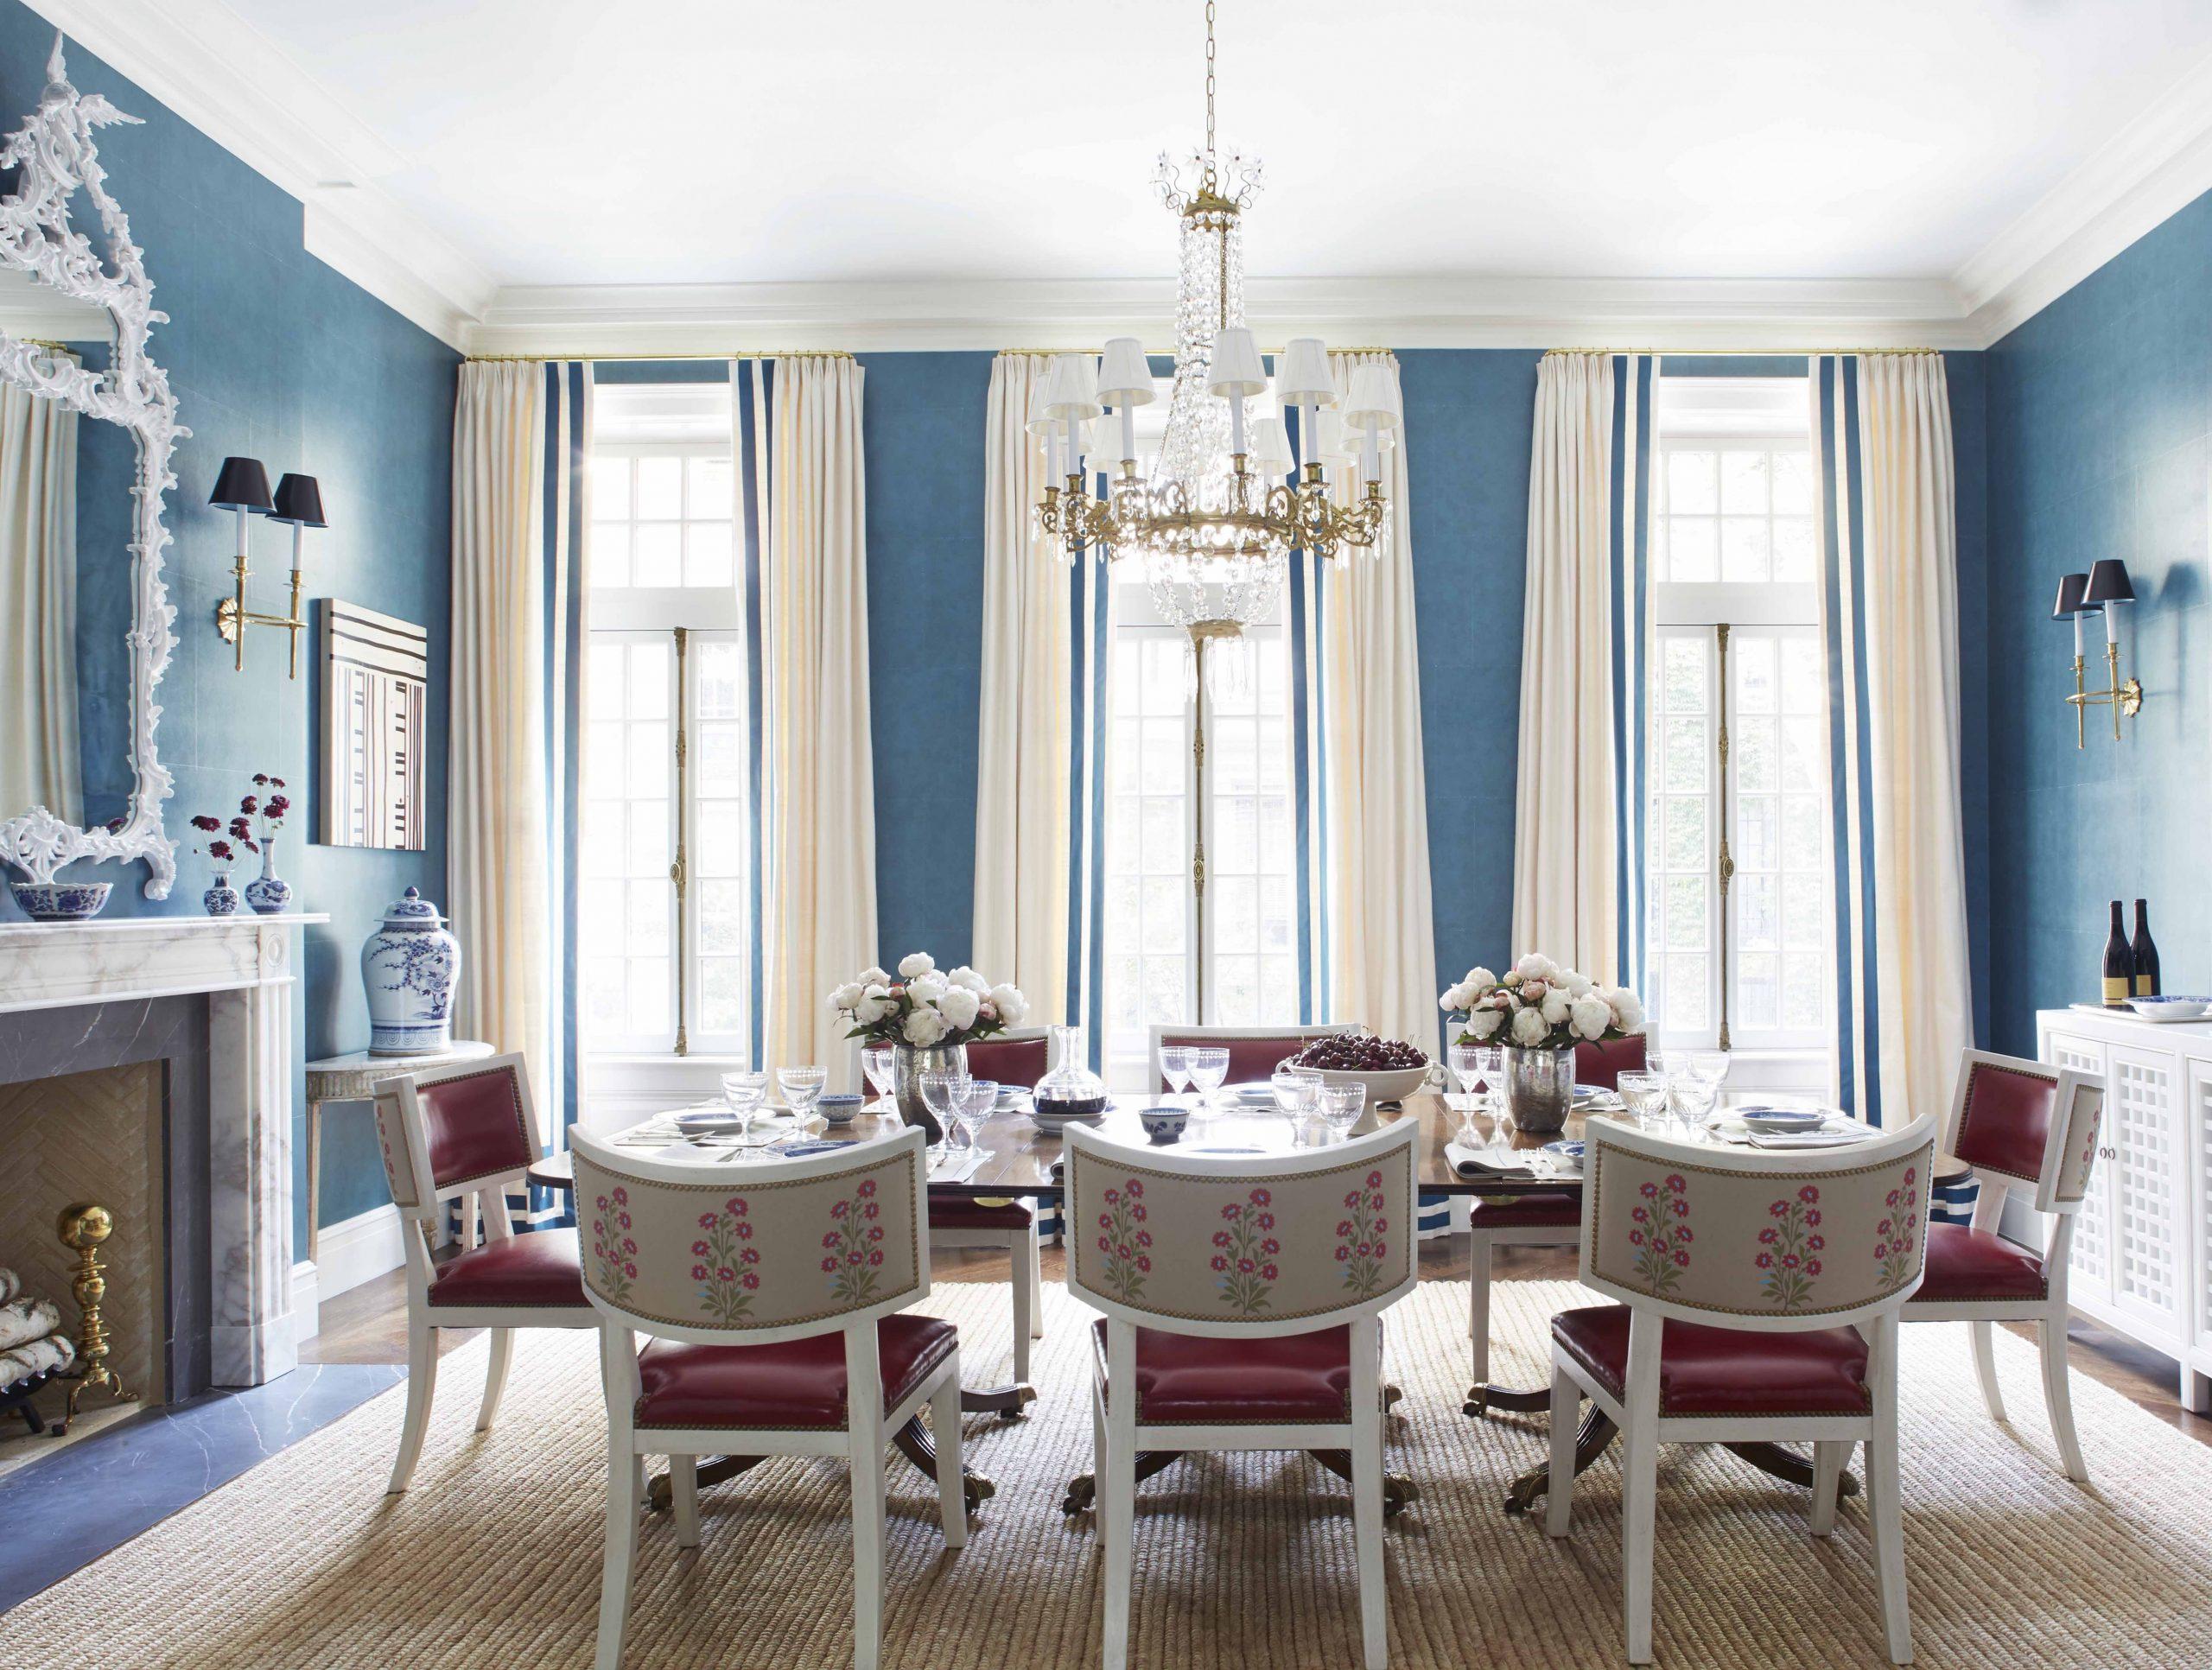 11+ Best Dining Room Ideas – Designer Dining Rooms & Decor - Dining Room Ideas For Walls